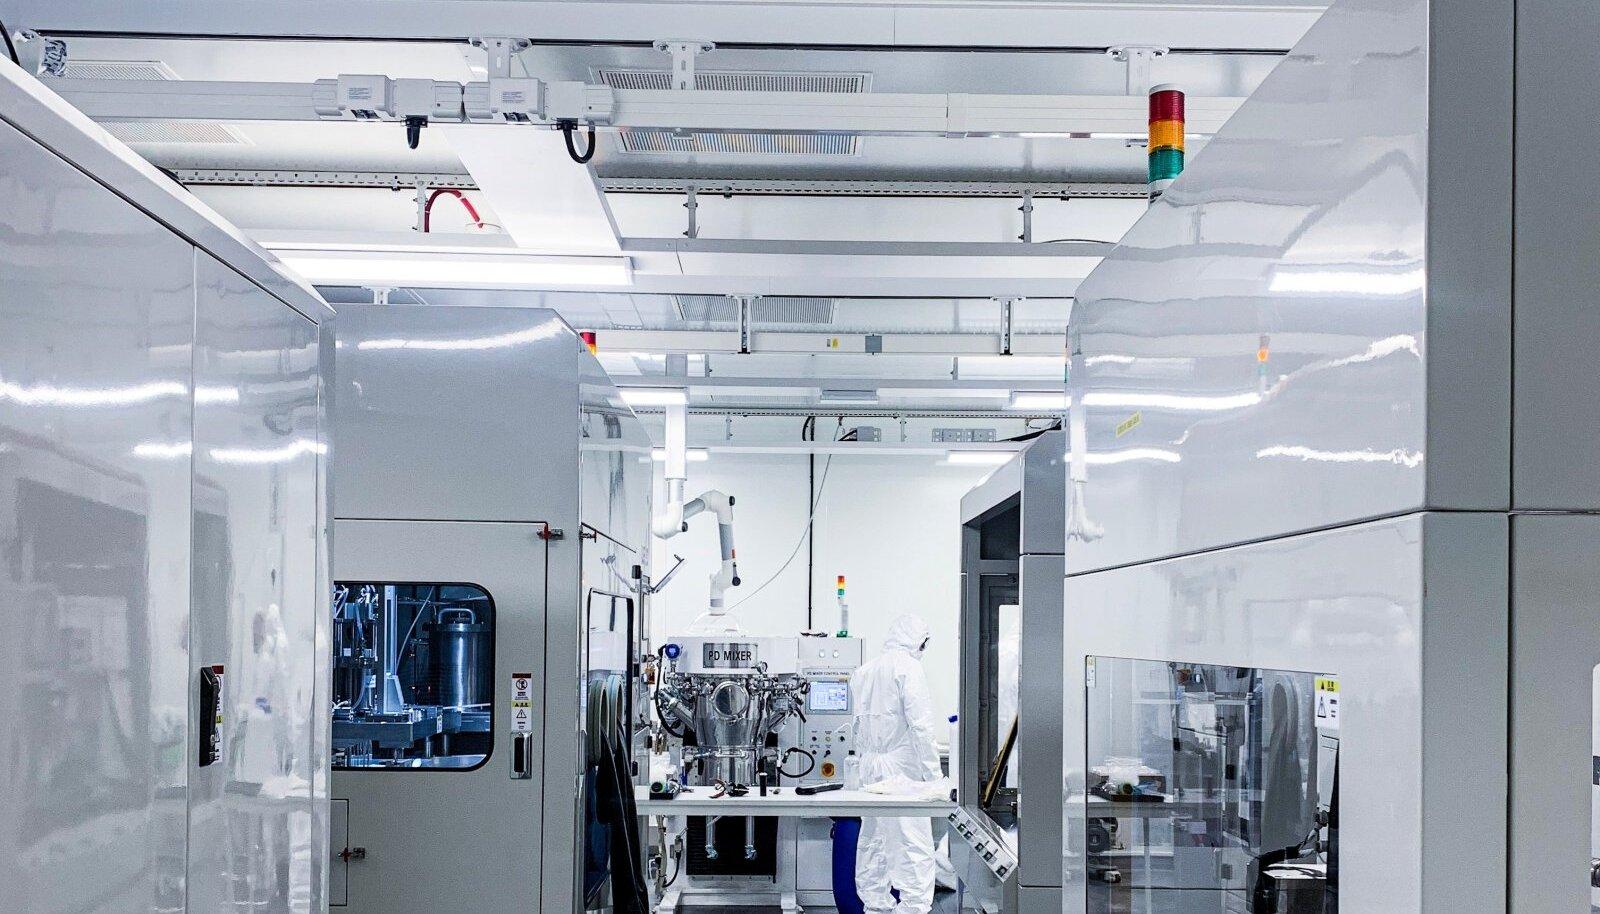 PÕHJA PINGE: Rootsis asuvas Northvolti laboris valmivad Euroopa kõige uuenduslikumad akud.